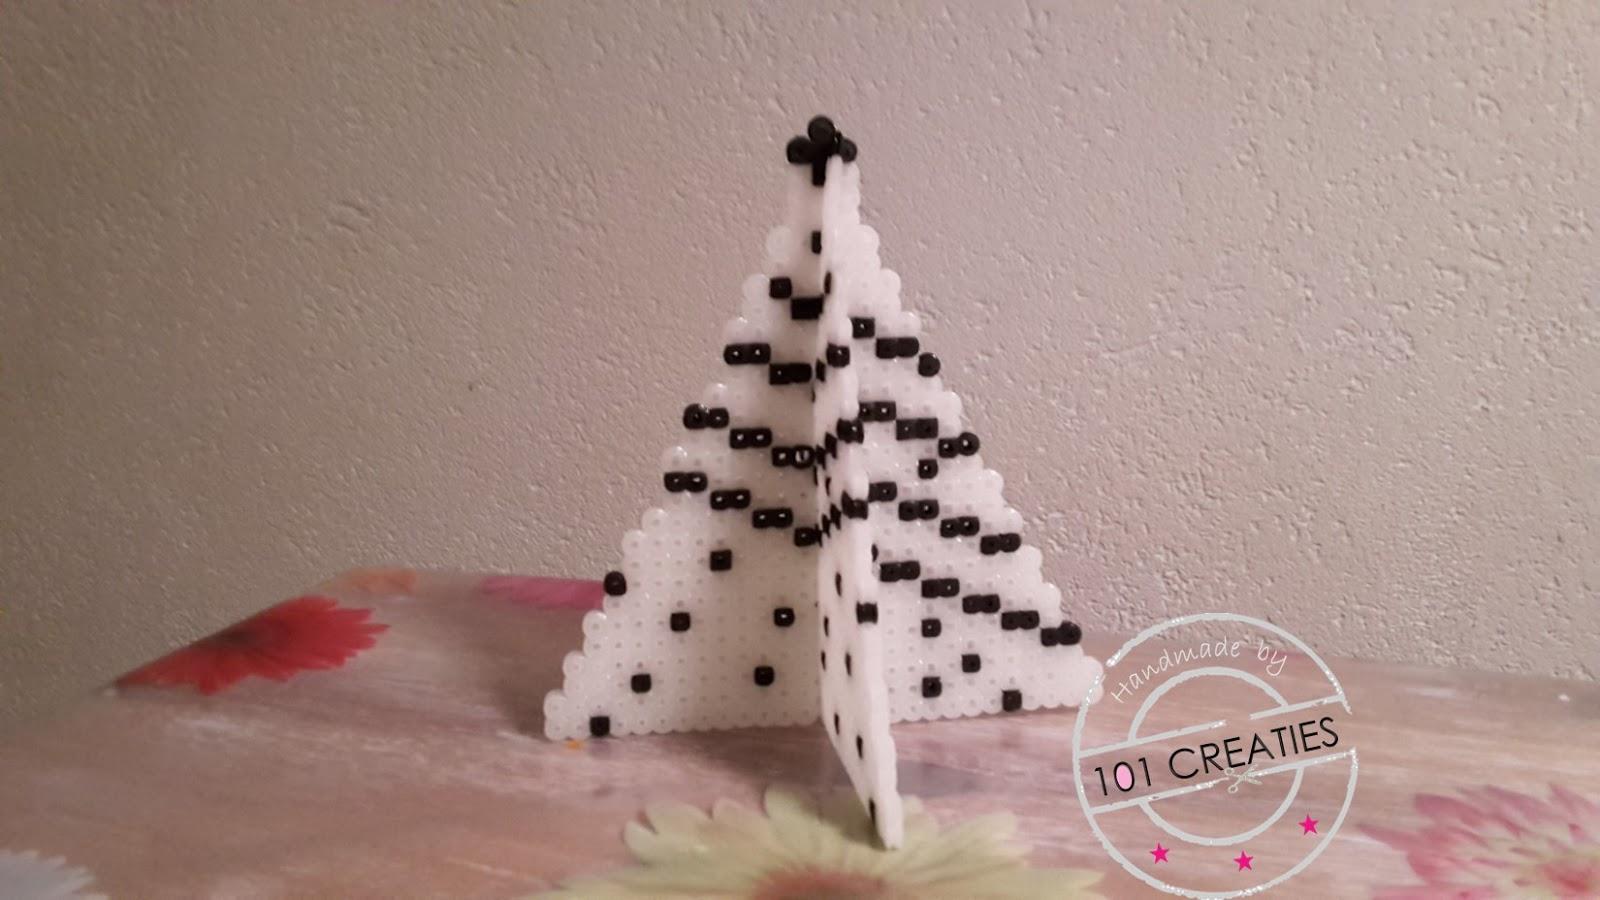 Maken 3d Kerstboom Glow In The Dark 101 Creaties